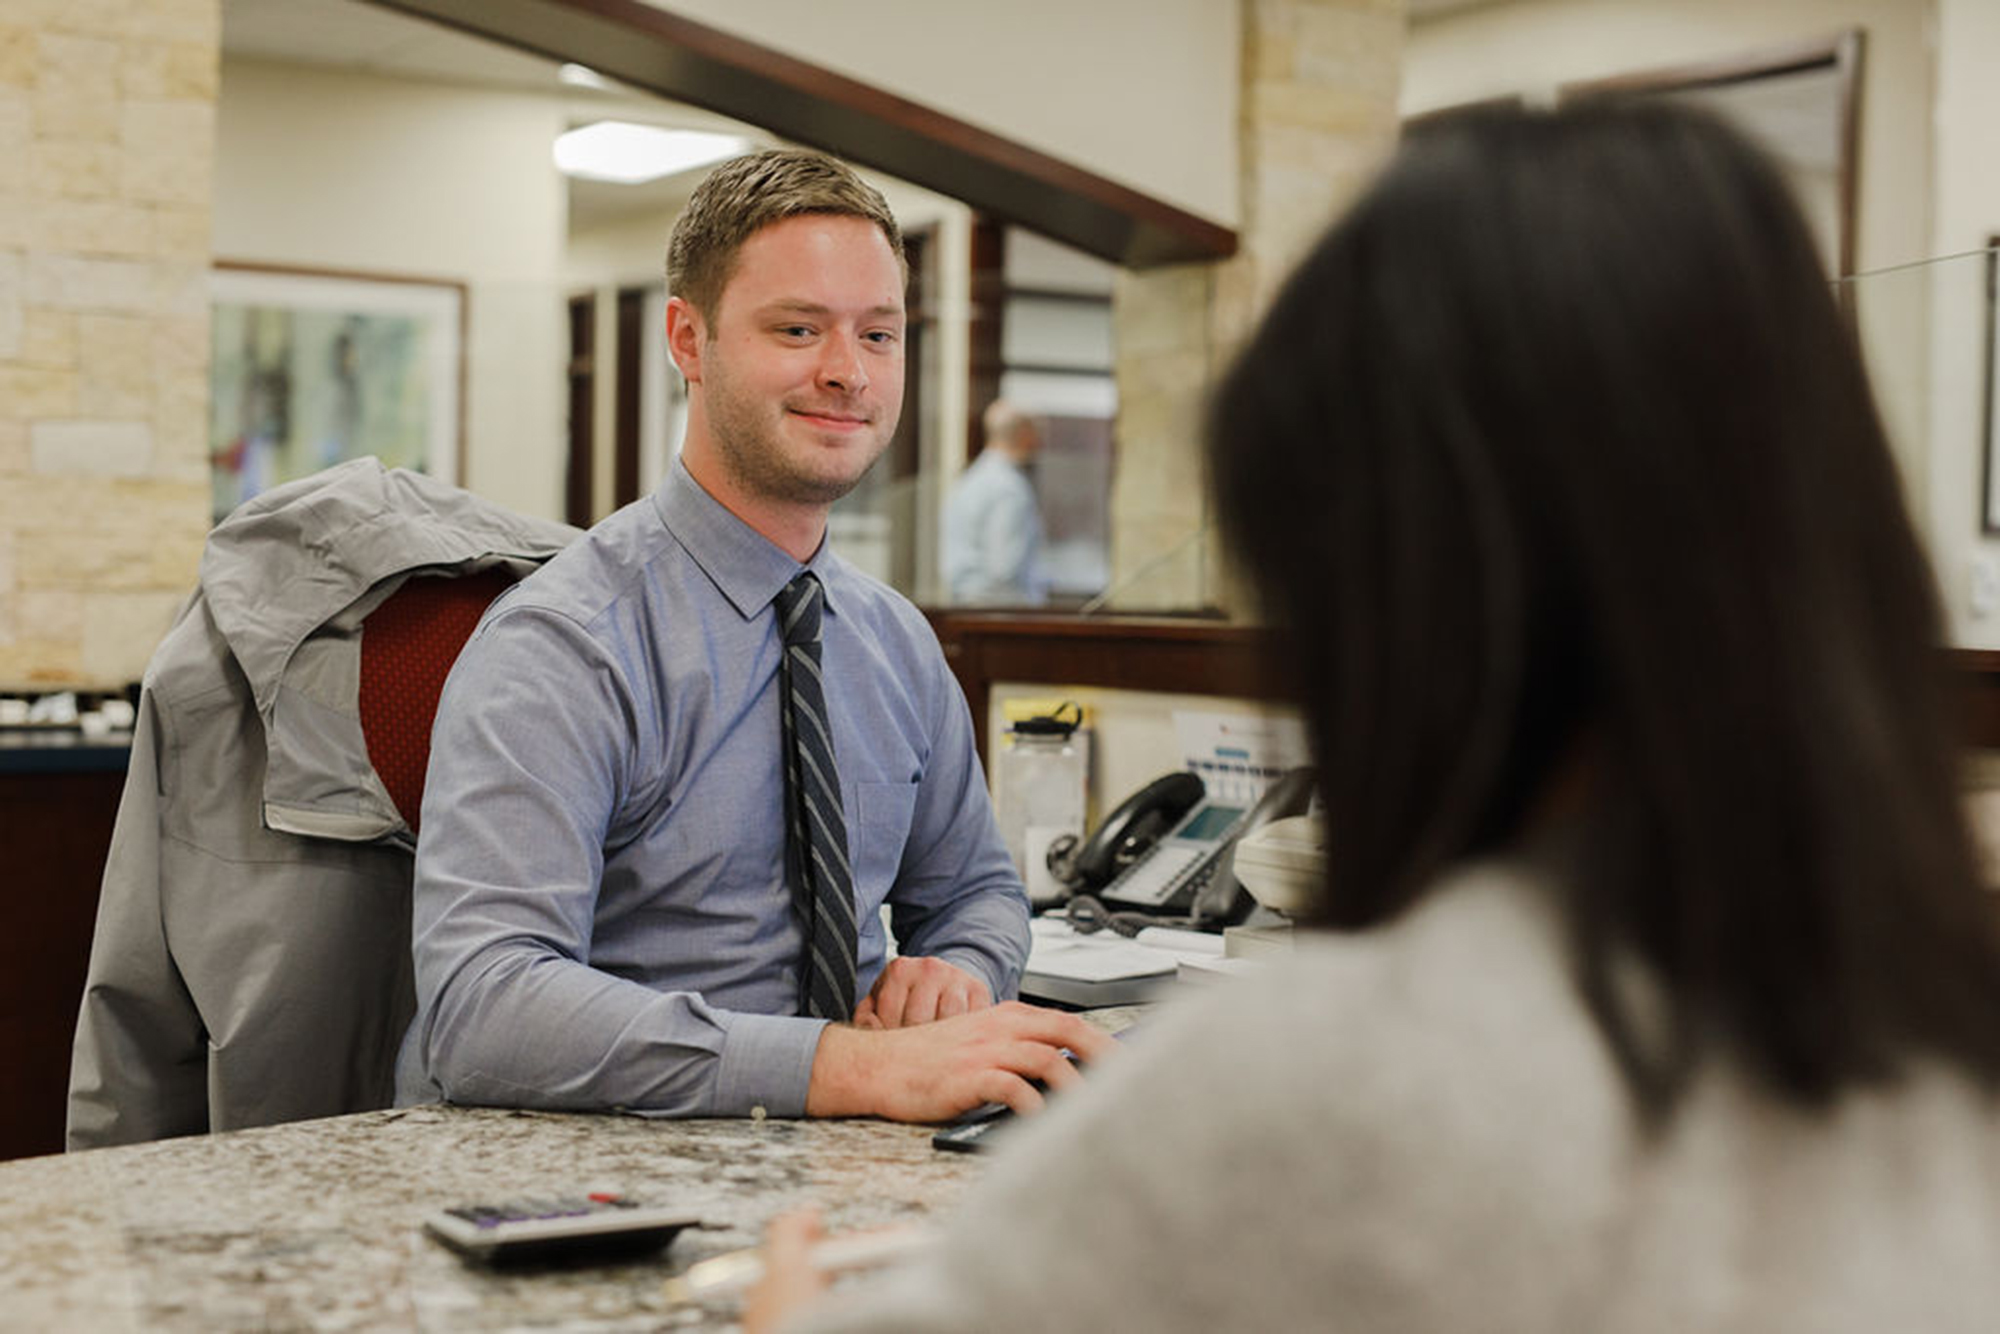 Welcoming employee